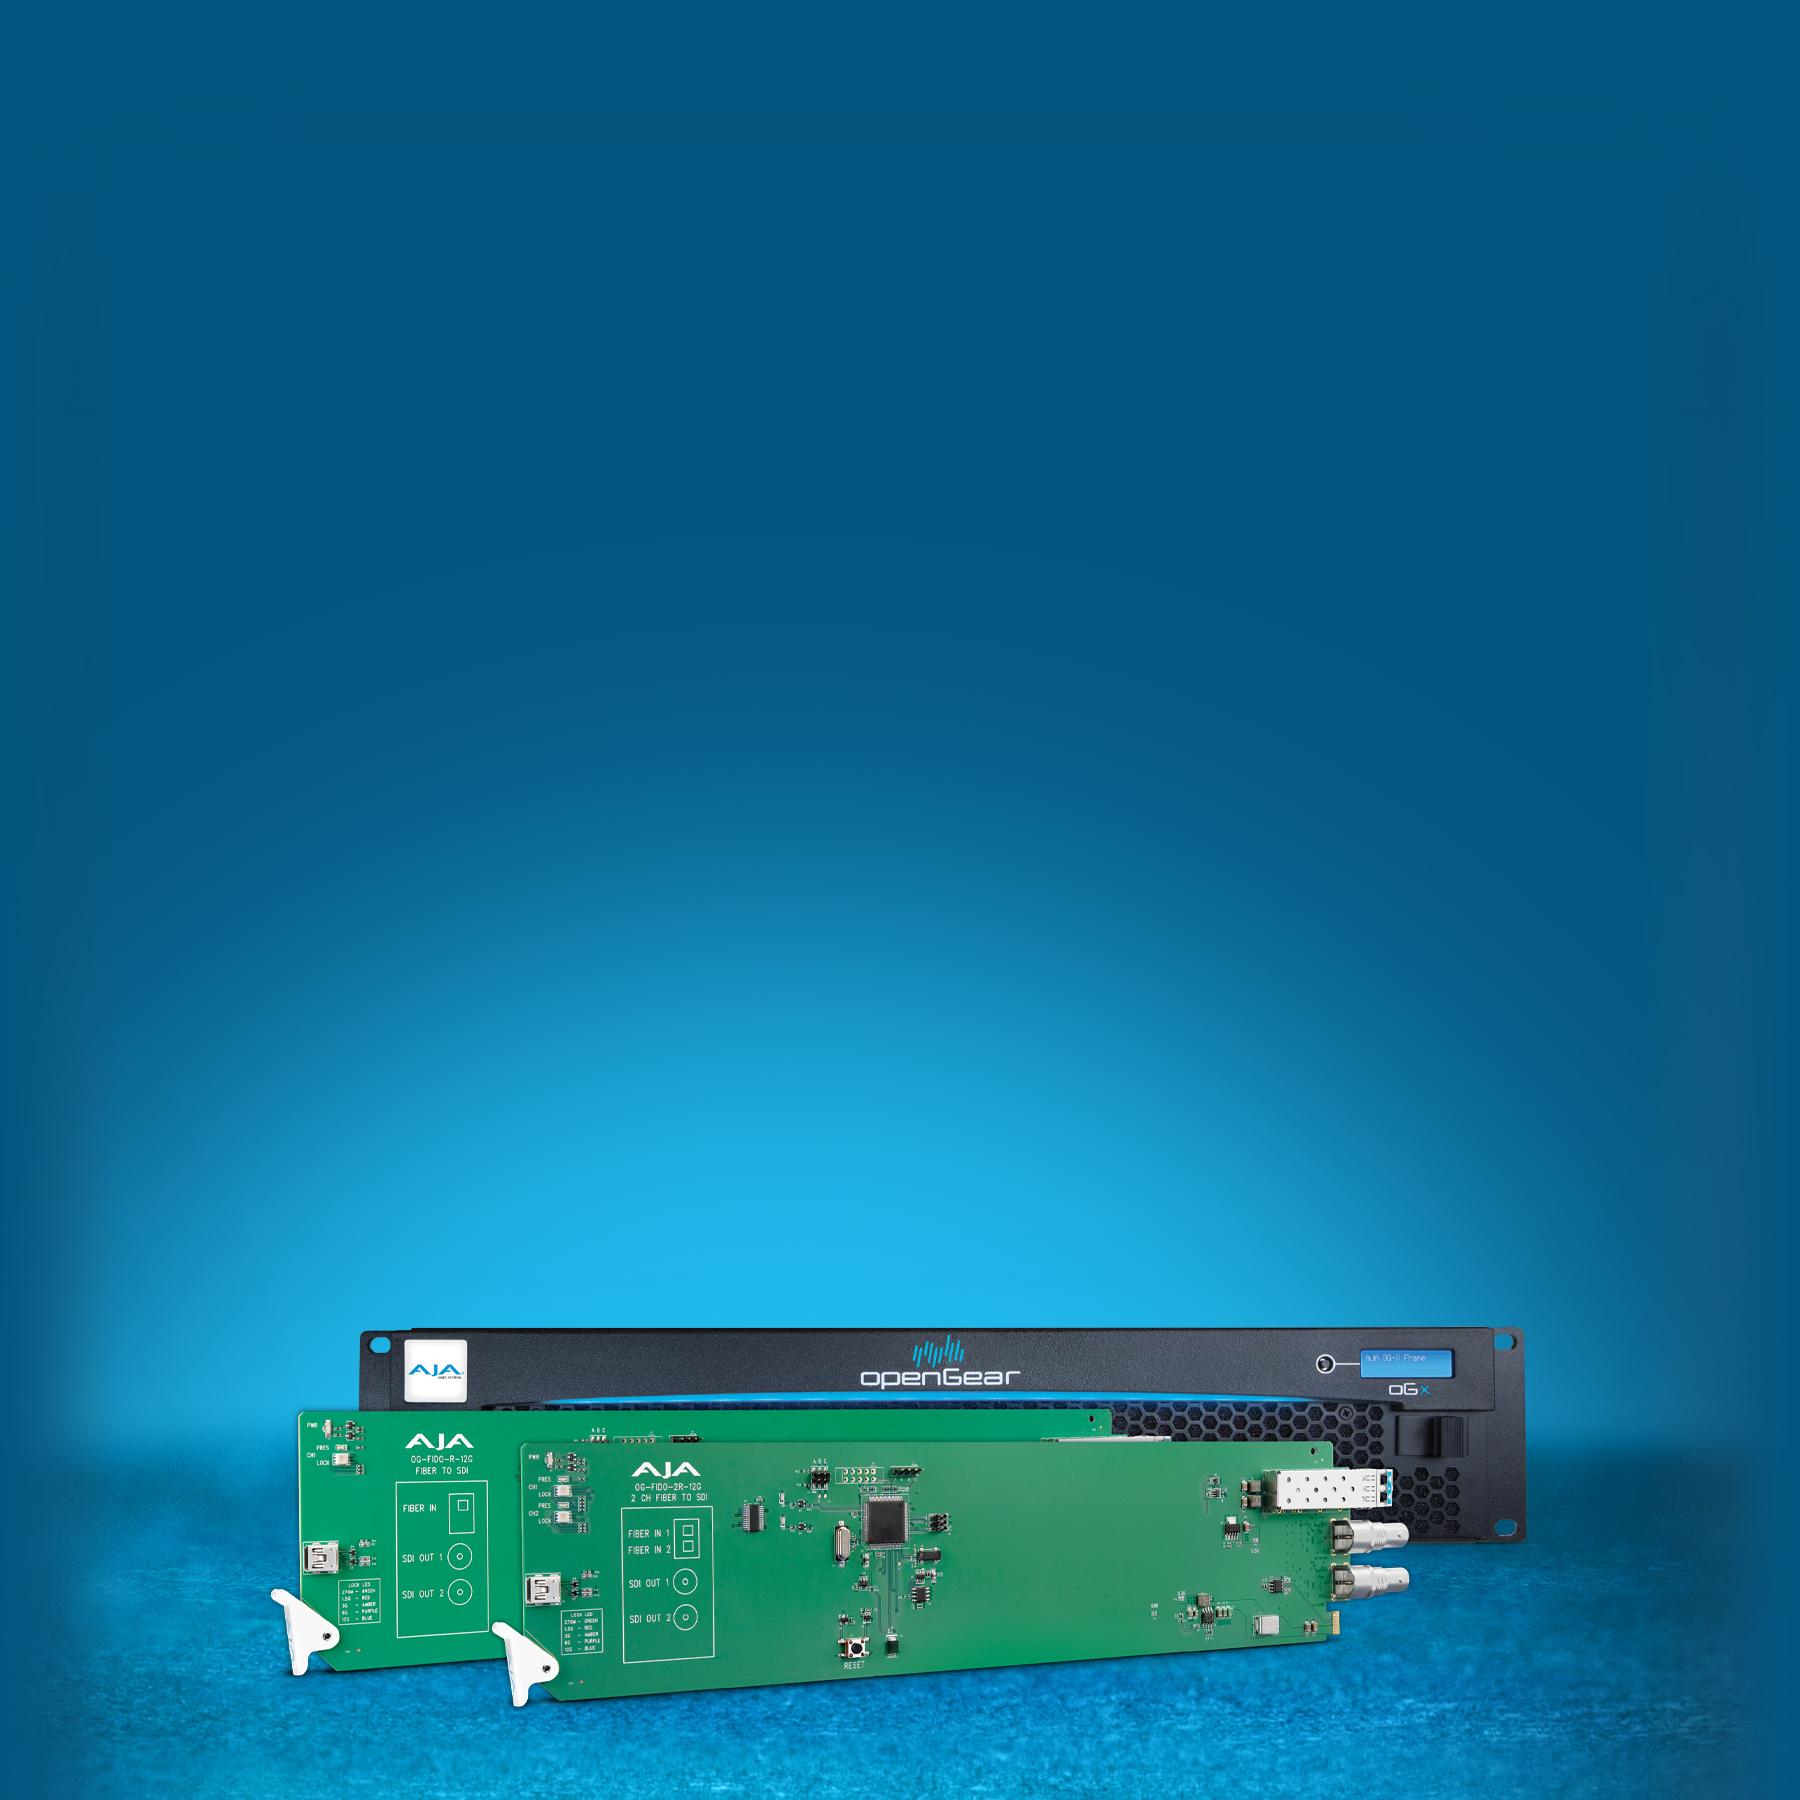 New OG-FiDO-12G Receivers